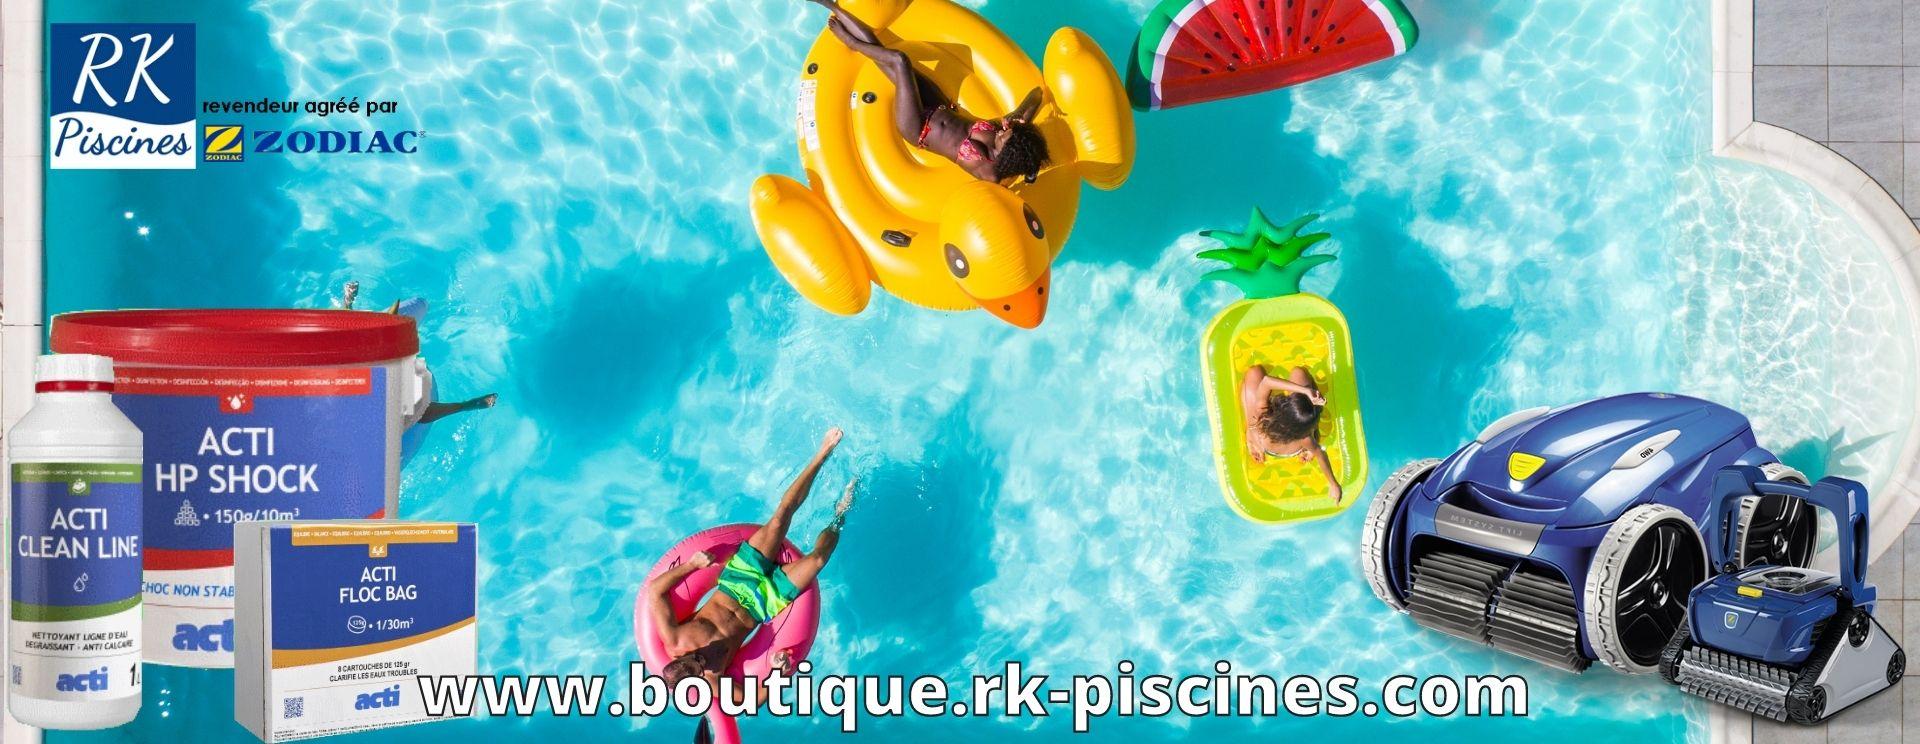 La boutique RK-Piscines